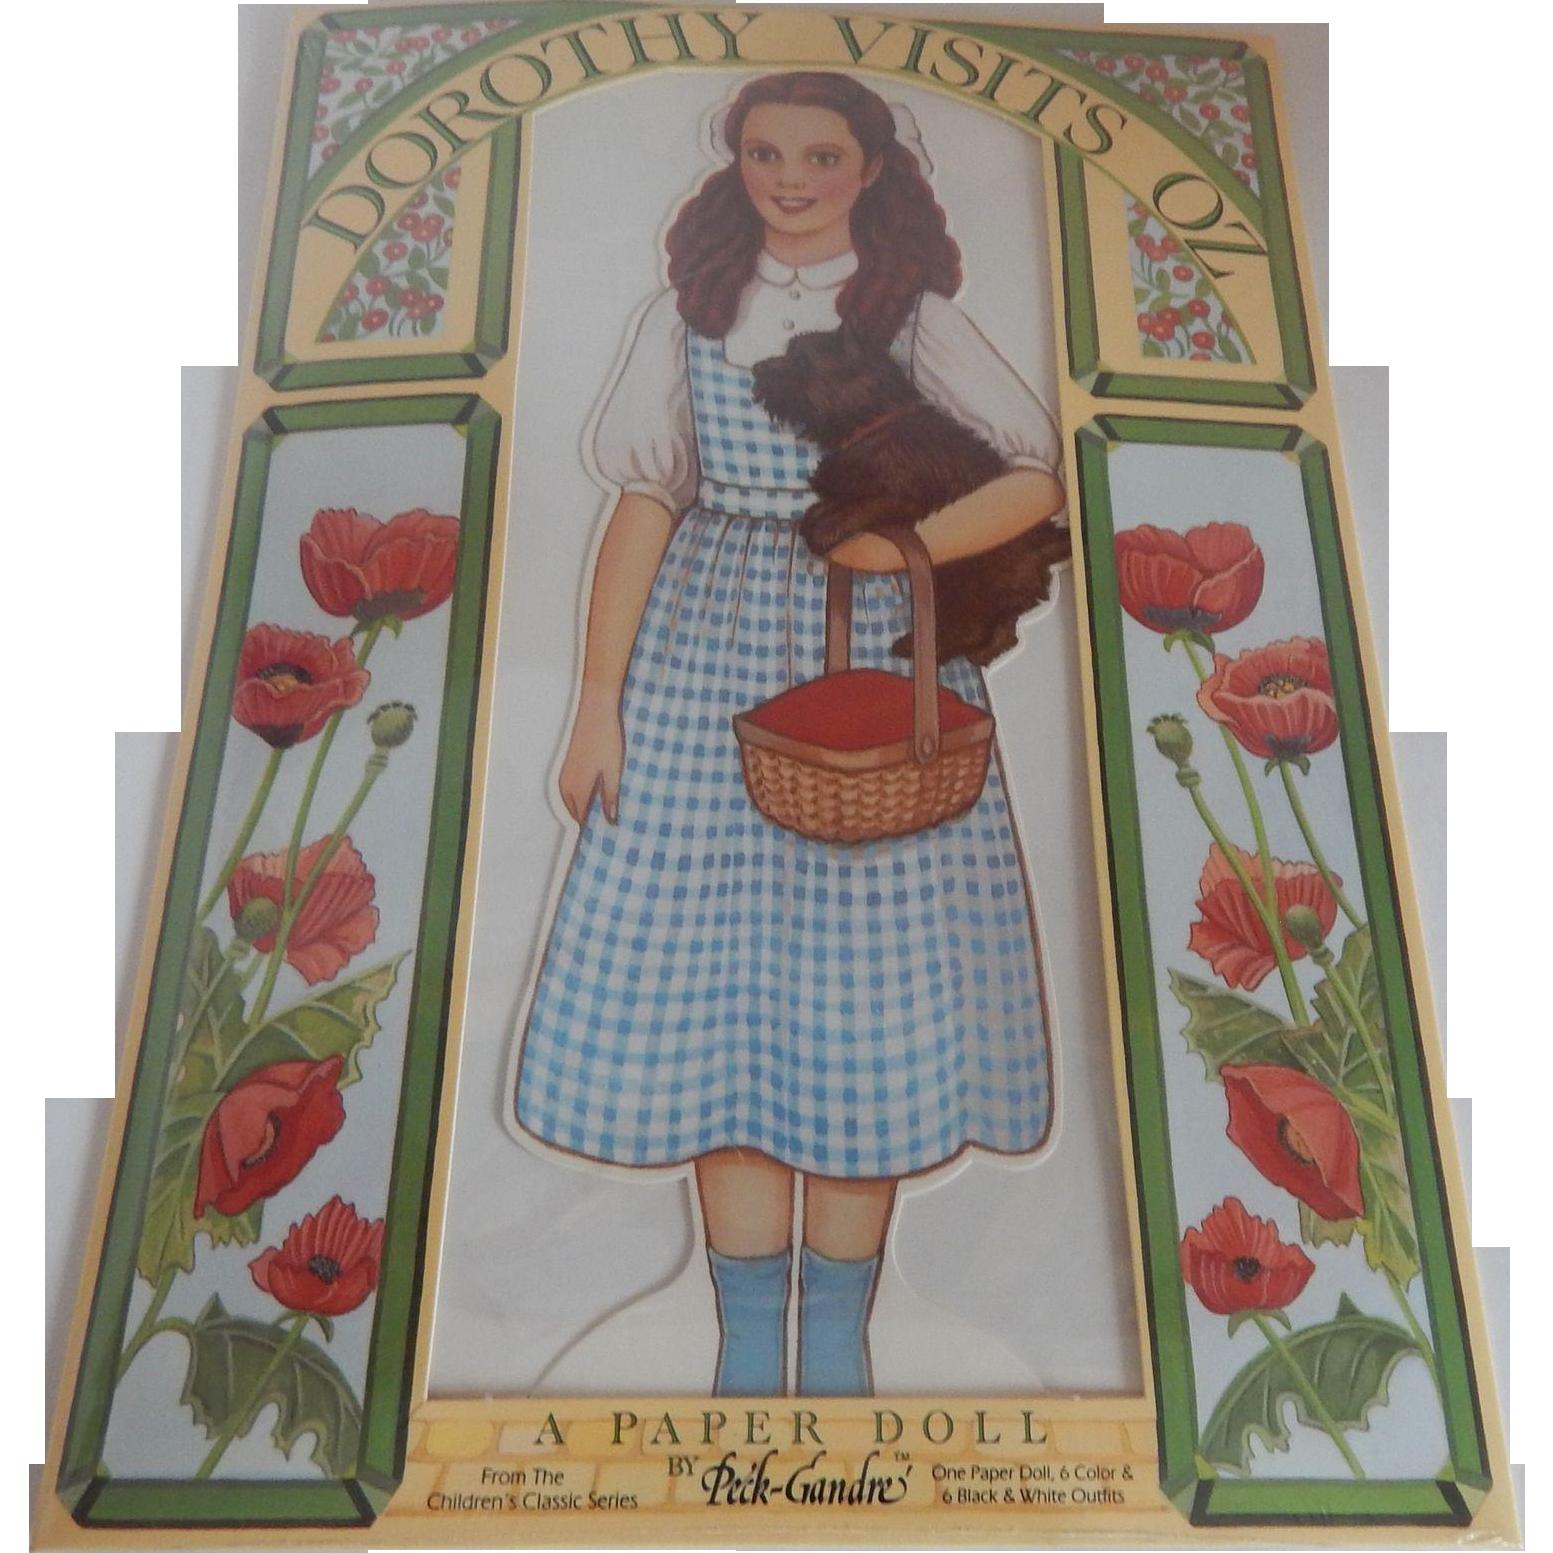 Peck-Gandre Paper Doll Dorothy Visits Oz